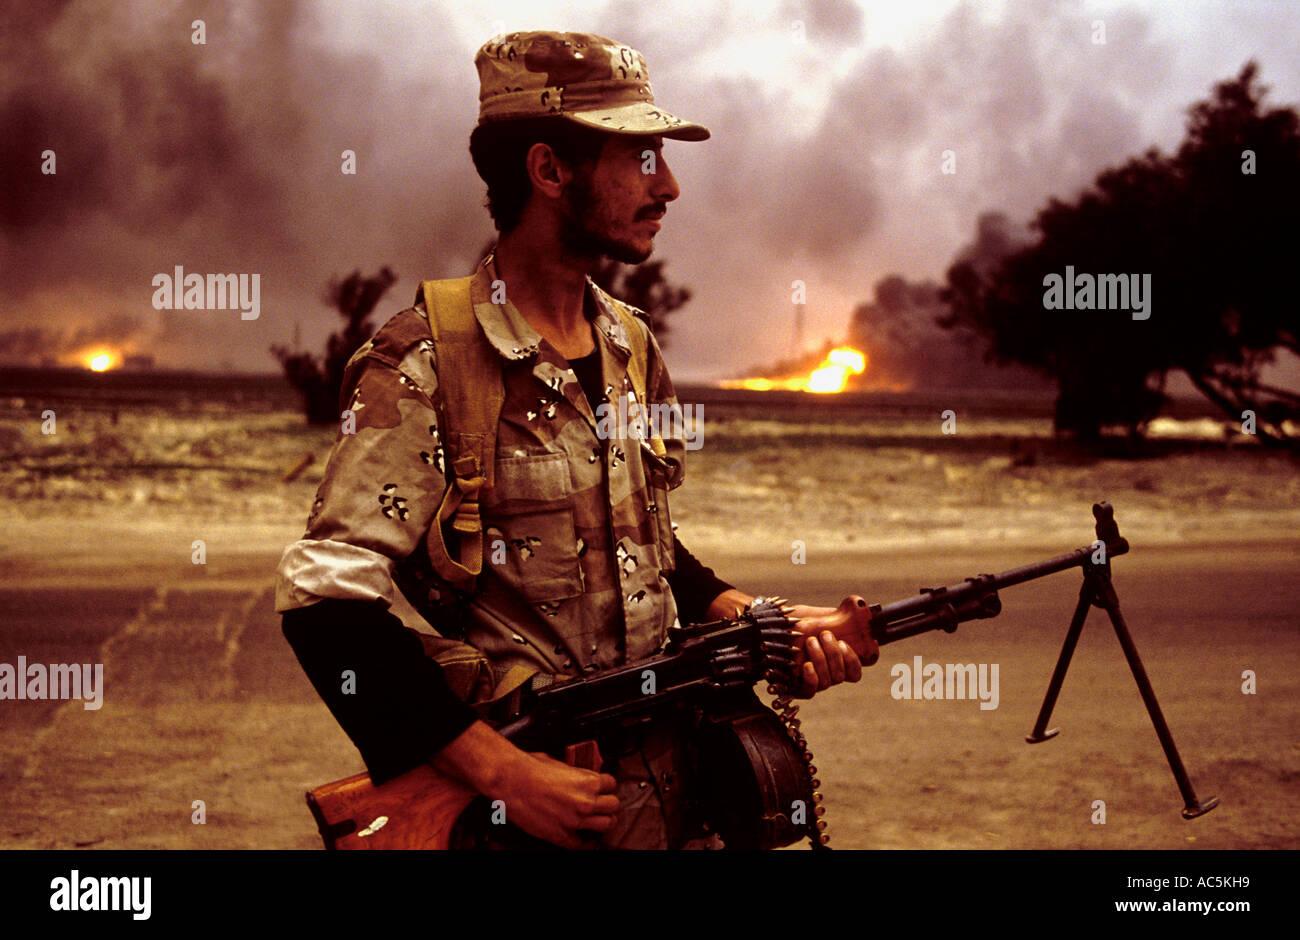 Los incendios de petróleo cerca de la frontera iraquí en Kuwait desgarrados por la guerra de 1991 Imagen De Stock